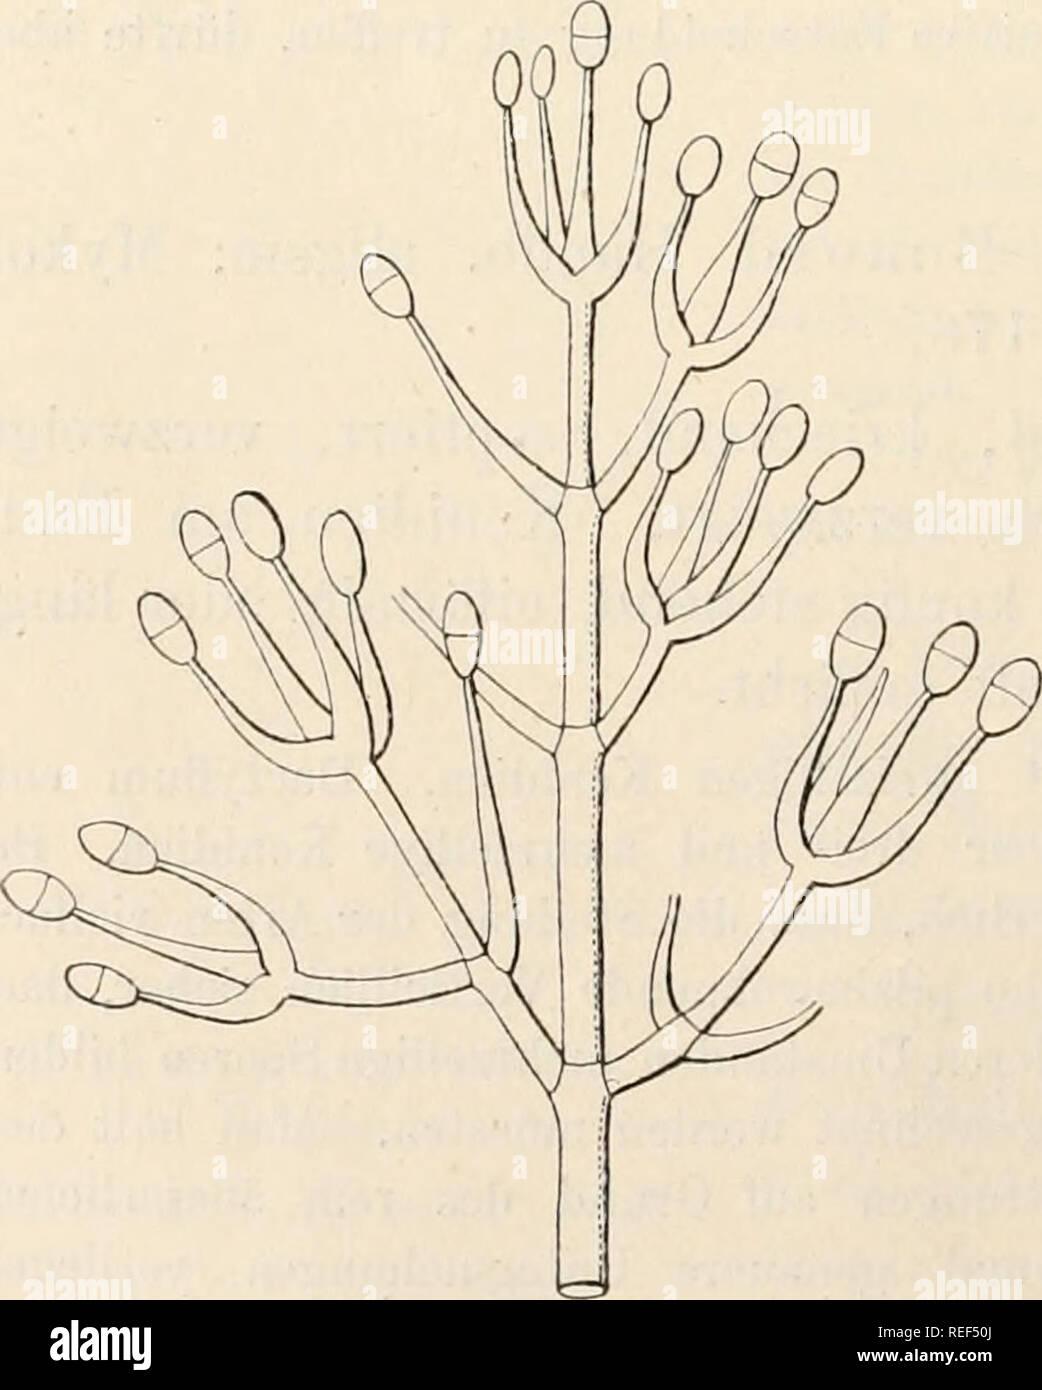 . Dr. L. Rabenhorst's Kryptogamen-Flora von Deutschland, Oesterreich und der Schweiz. Cryptogams -- Germany; Cryptogams -- Austria; Cryptogams -- Switzerland. 374 kreise von rein systematisclien Gesichtspunkten aus. Bevor diese nicht ausgeführt ist, wird sich eine Klärung des Gattungs- und Artbegriffes der pilzbewohnenden Mucedineen nicht erwarten lassen. Der Name wird abgeleitet von diplos (doppelt) und Klados (Spross). 766. D. inajiis Bonord. Handb. allgem. Mykol. p. 98 (1851), Fig. 168. — Sacc. Syll. IV, 177. — Eivolta Parass. 2. ed. p. 482, Fig. 191a. — Oudemans in Nederl. Kruidk. Arch. 3. Stock Photo